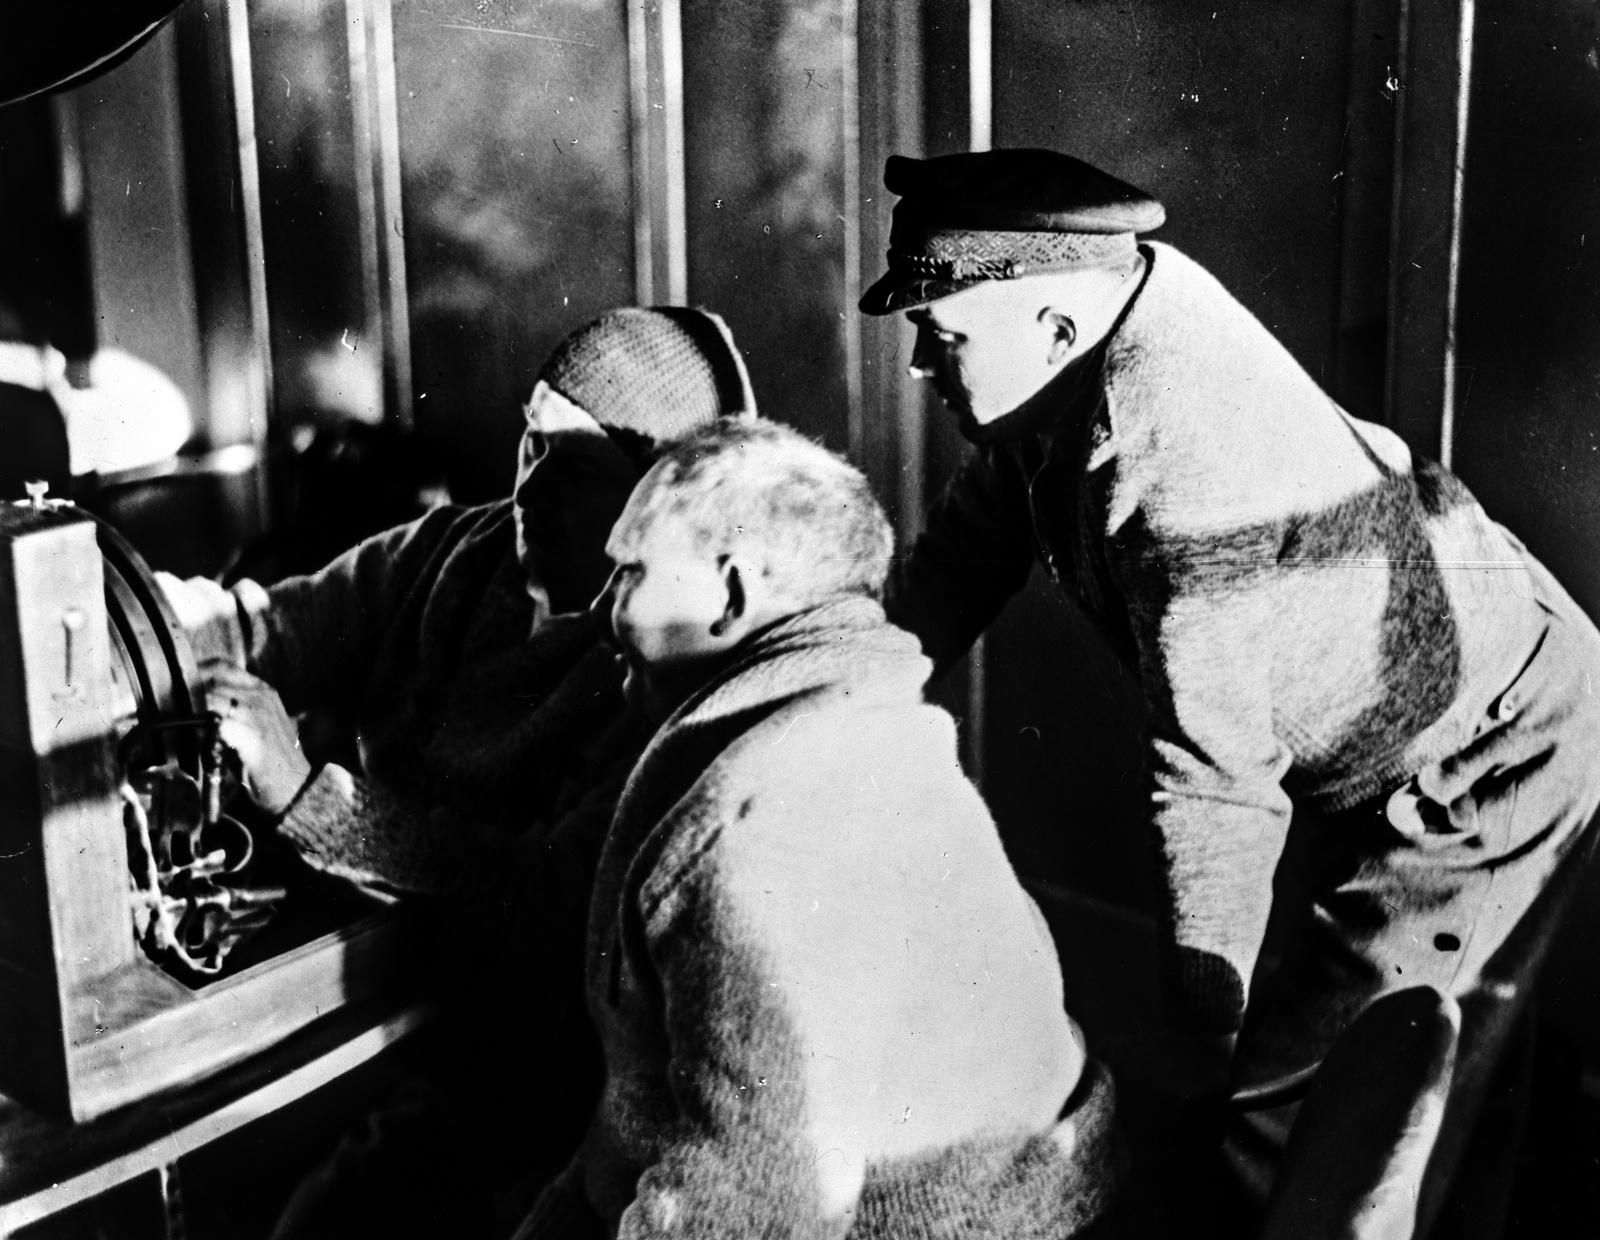 Июль 1931 года. Лейтенант Смит, профессор Молчанов и Г. Бауэр работают на вычислительном устройстве для астрономического определения местоположения дирижабля.